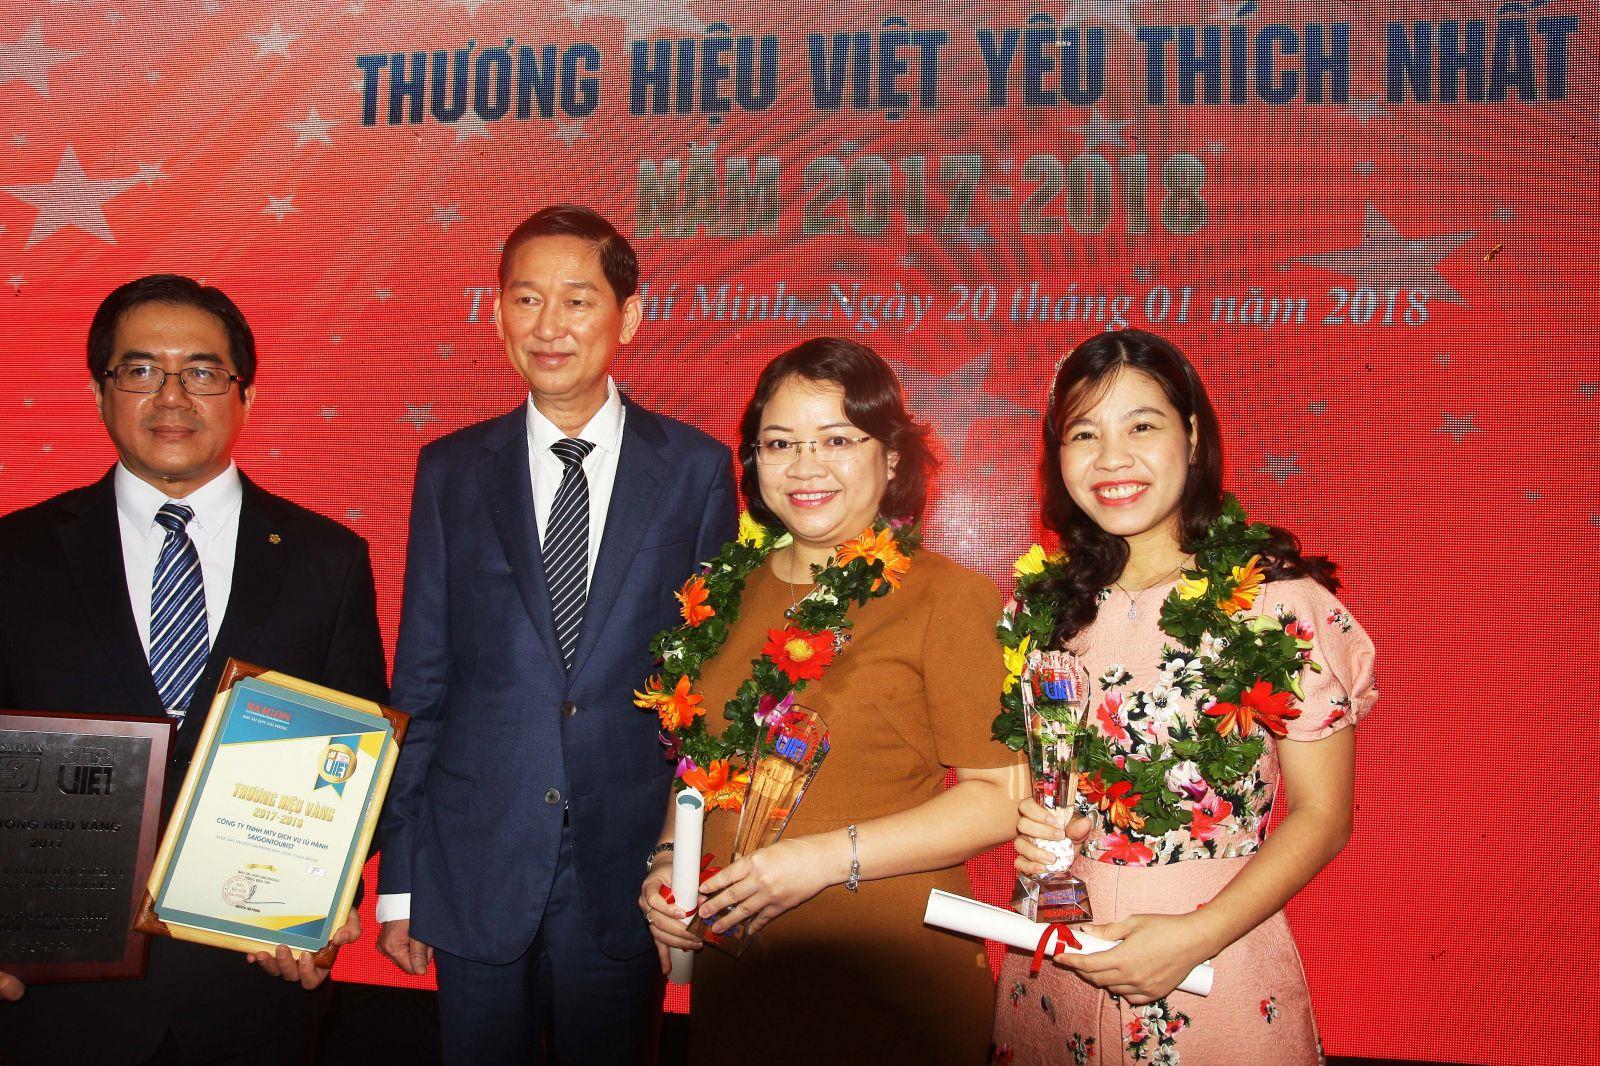 Khang Điền vinh dự nhận giải thưởng uy tín, thương hiệu Việt được yêu thích nhất năm 2017